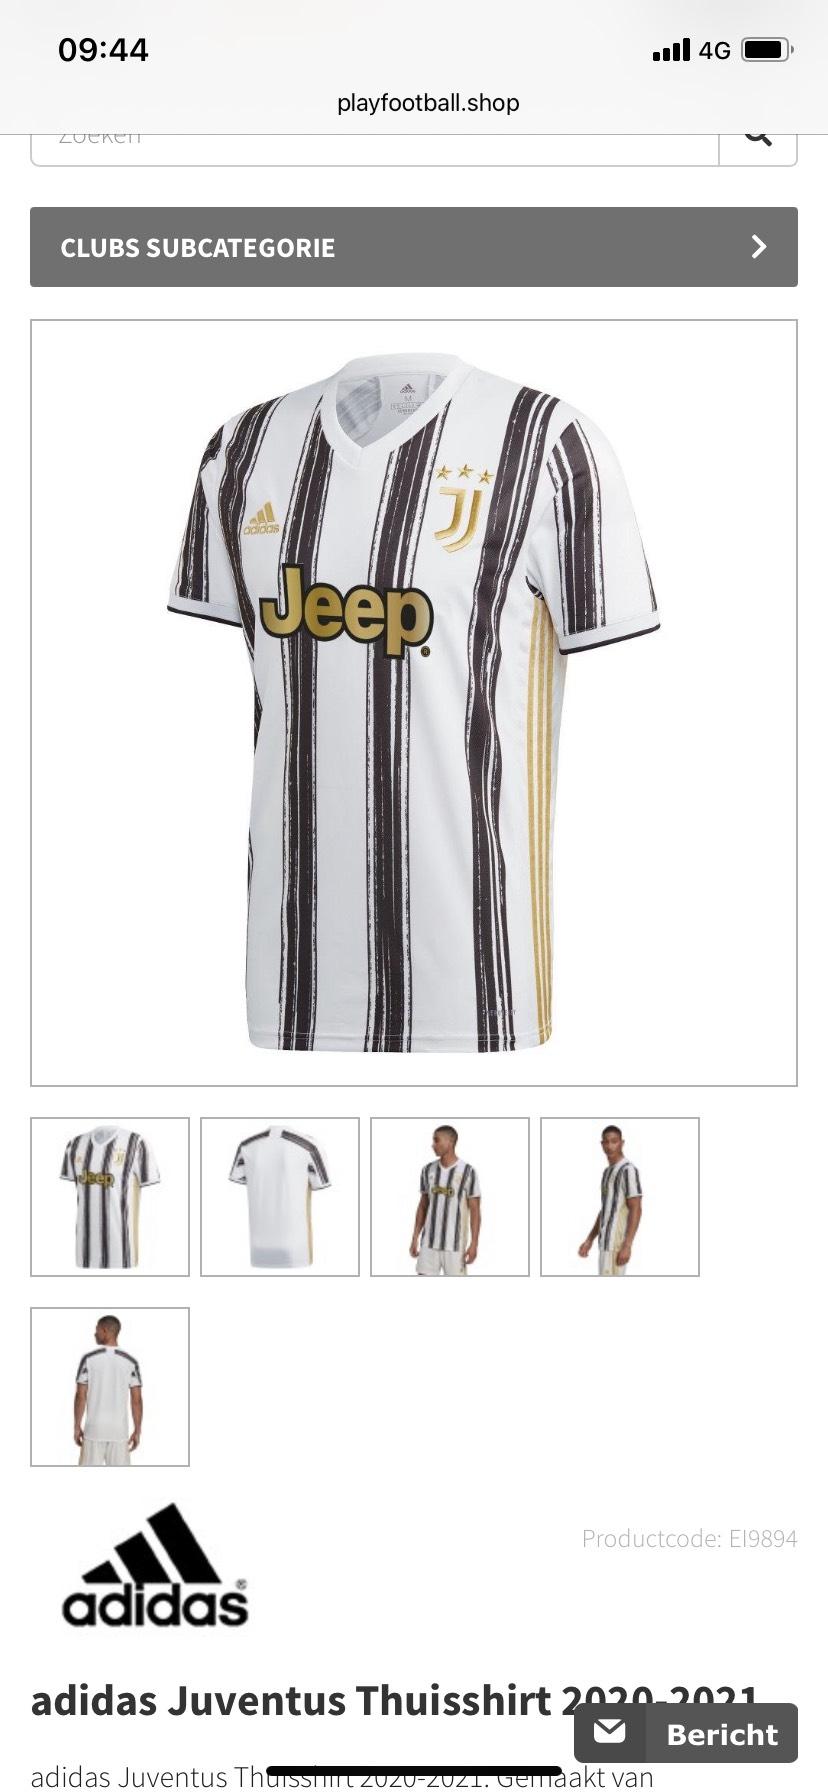 Juventus shirt 2020/2021